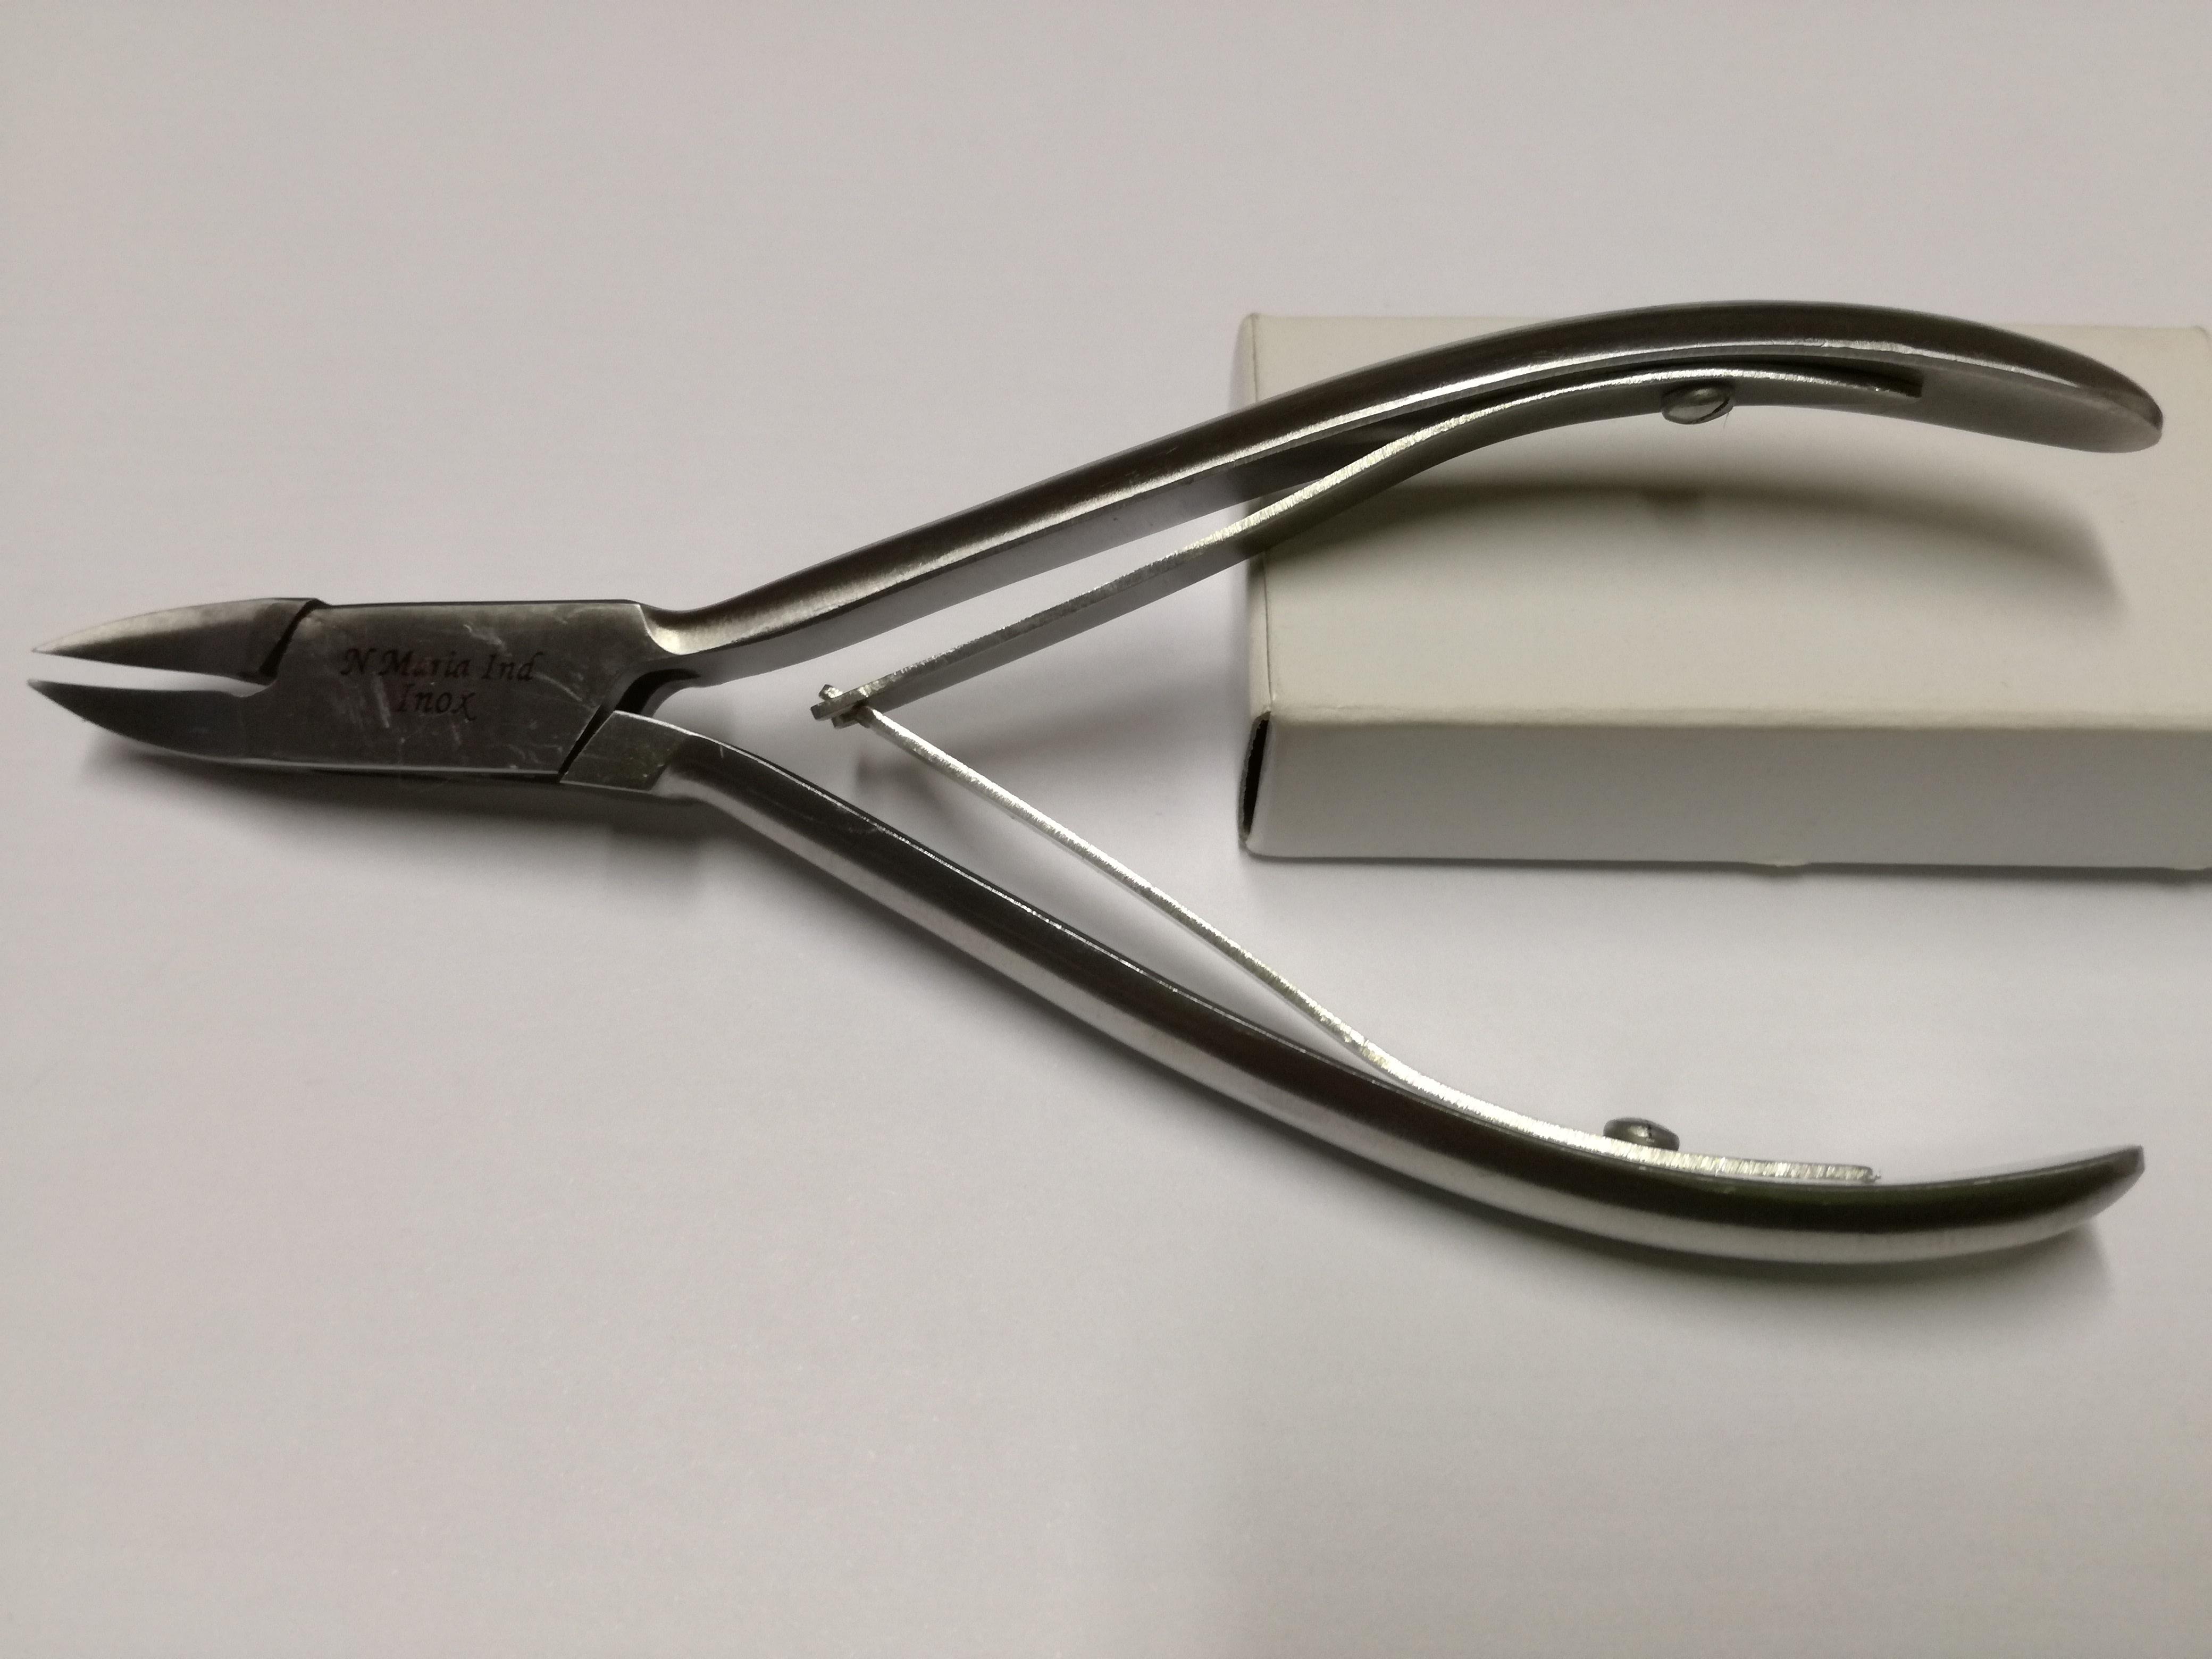 Tronchese professionale a punta curva in Acciaio INOX con doppia molla - cm12